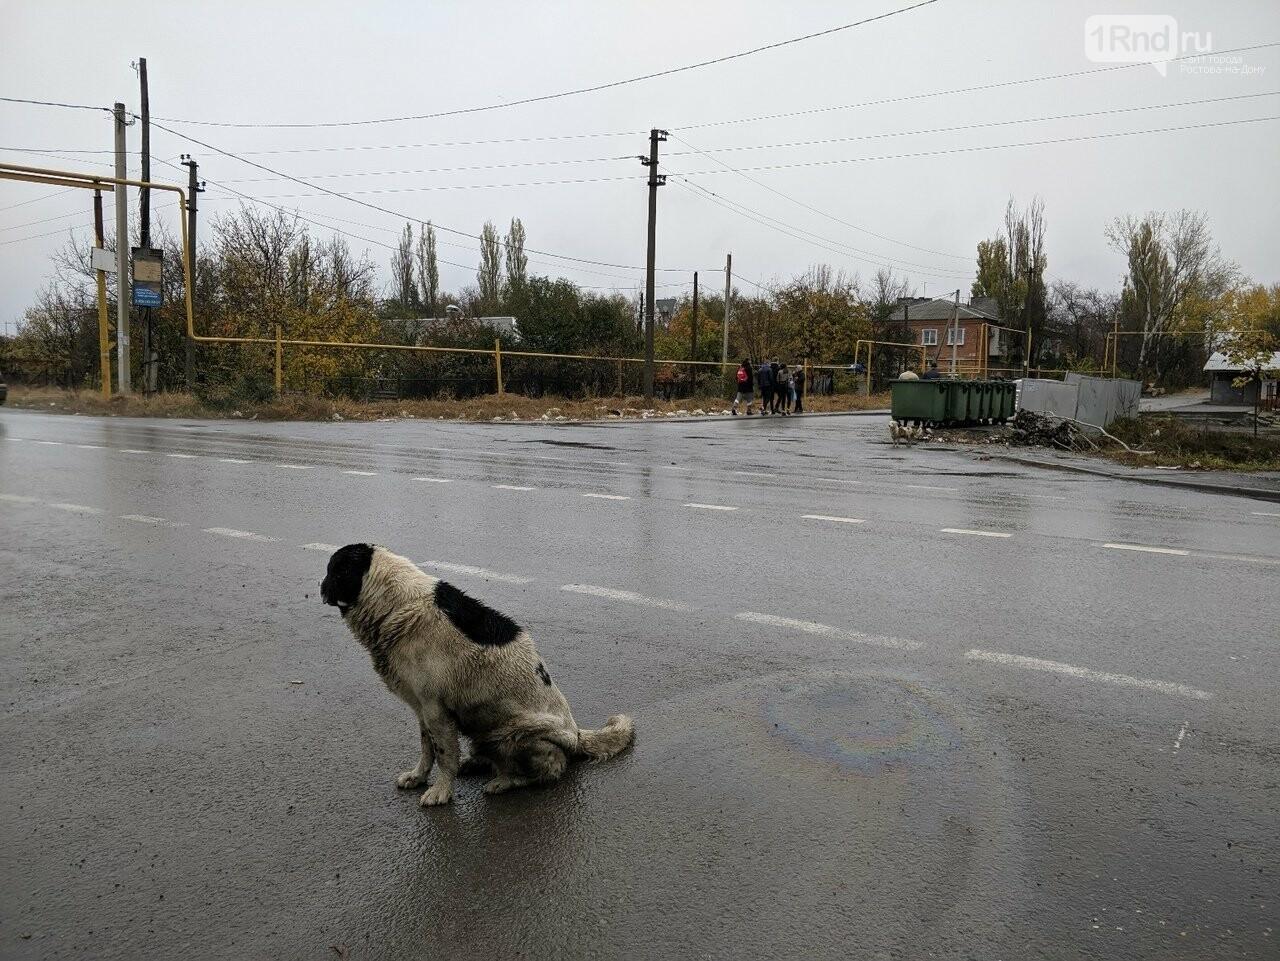 Путь к знаниям: как ростовские школьники добираются до своих школ, фото-18